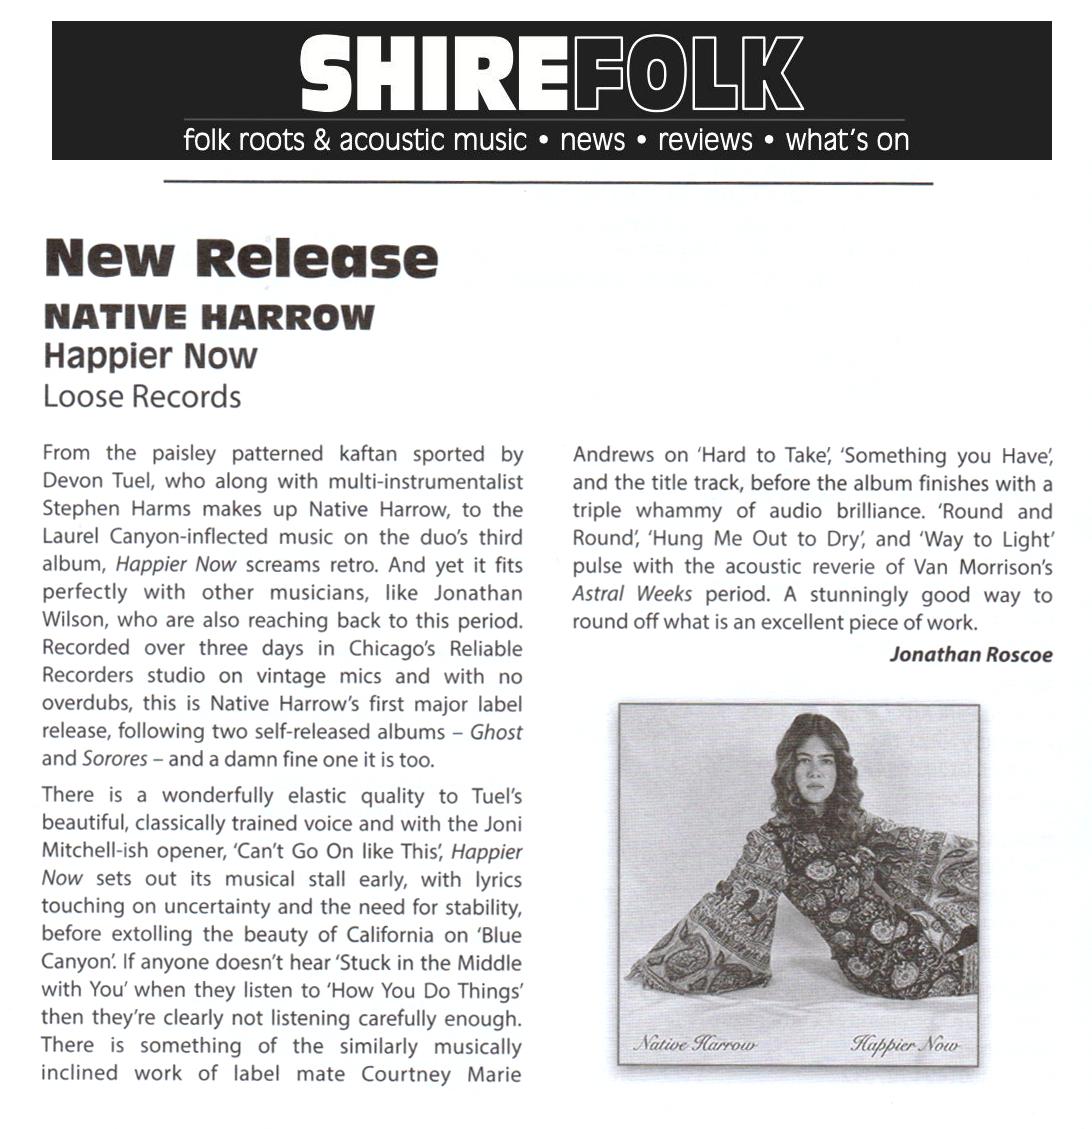 Native Harrow, Shirefolk, Sep-Oct 2019